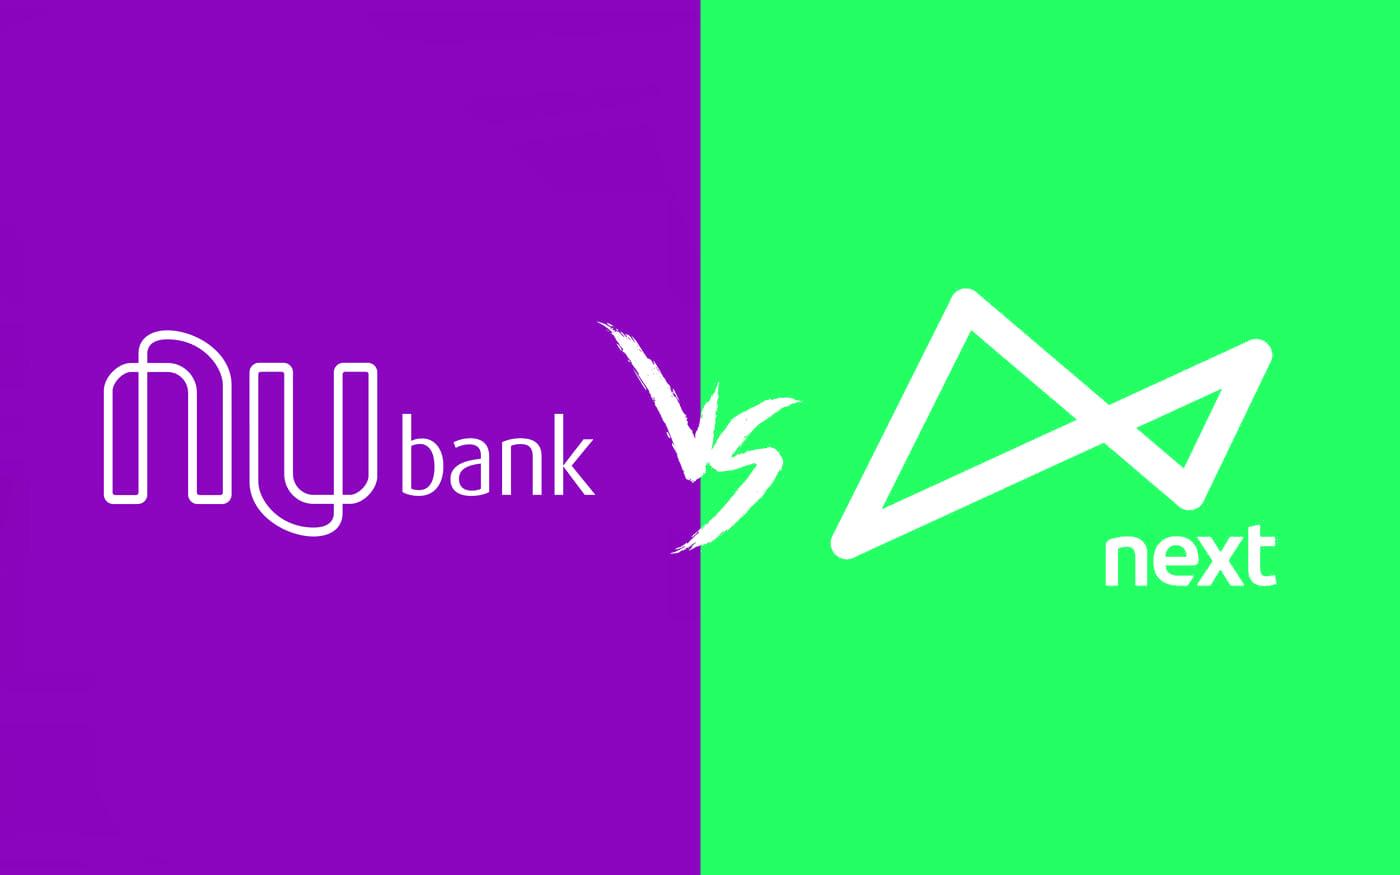 Banco Next mudou, mas será que está melhor que o Nubank agora?